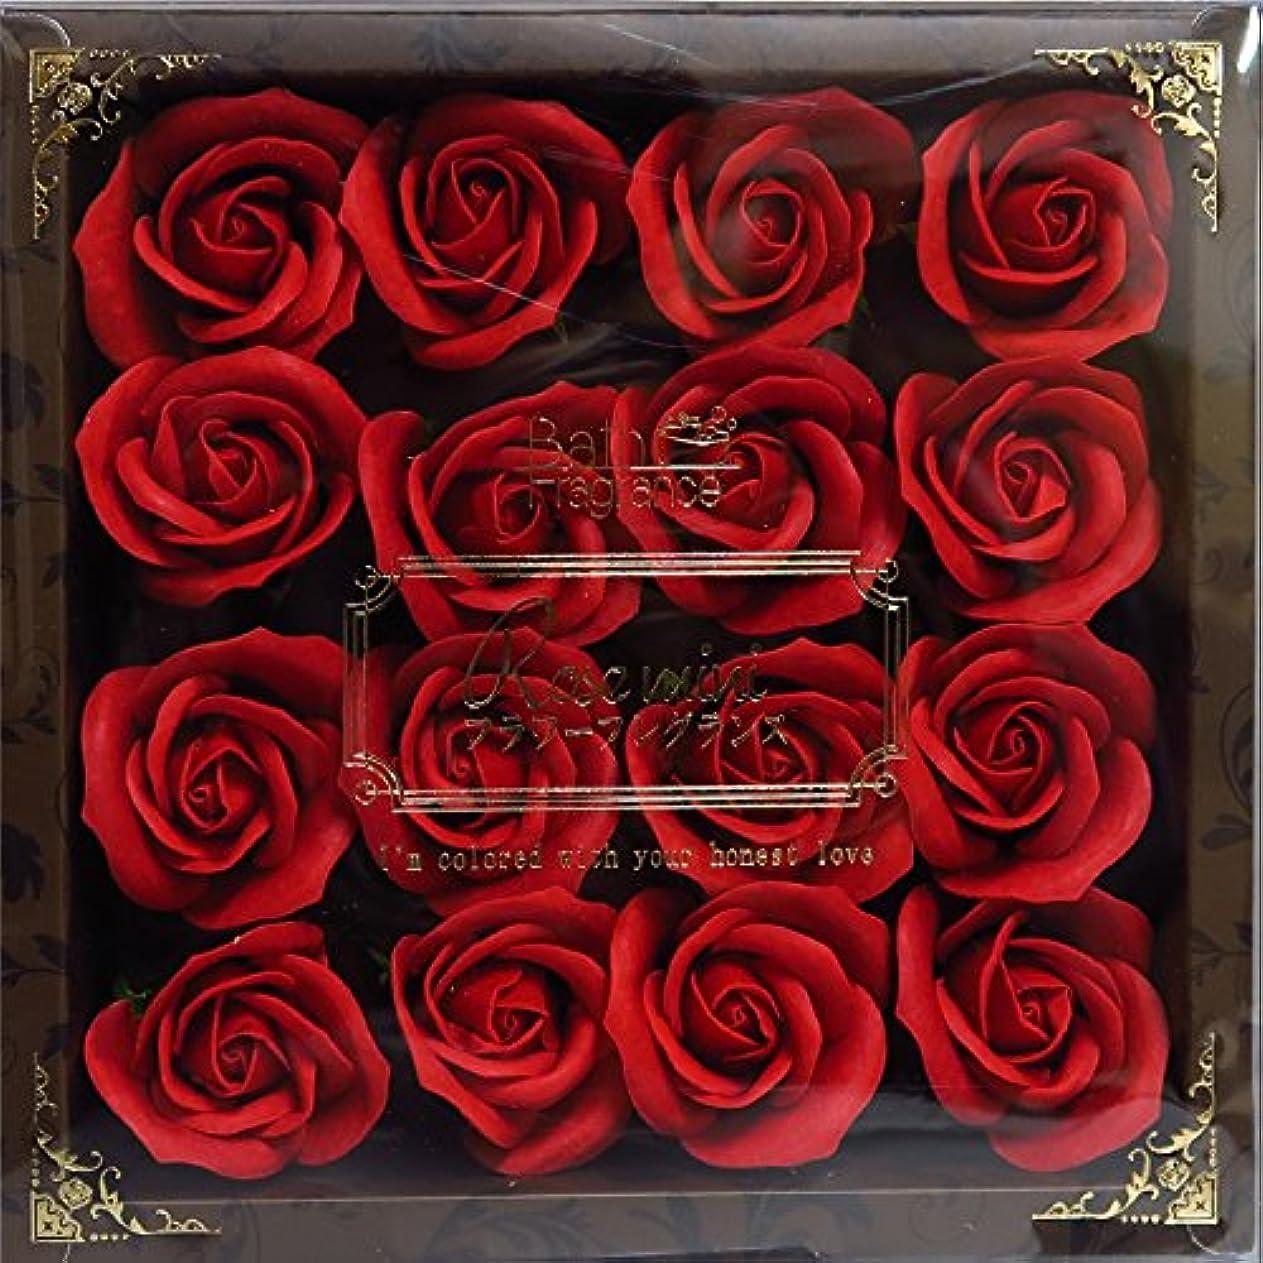 初心者世辞それらバスフレグランス バスフラワー ミニローズフレグランス(M)レッド ギフト お花の形の入浴剤 プレゼント ばら